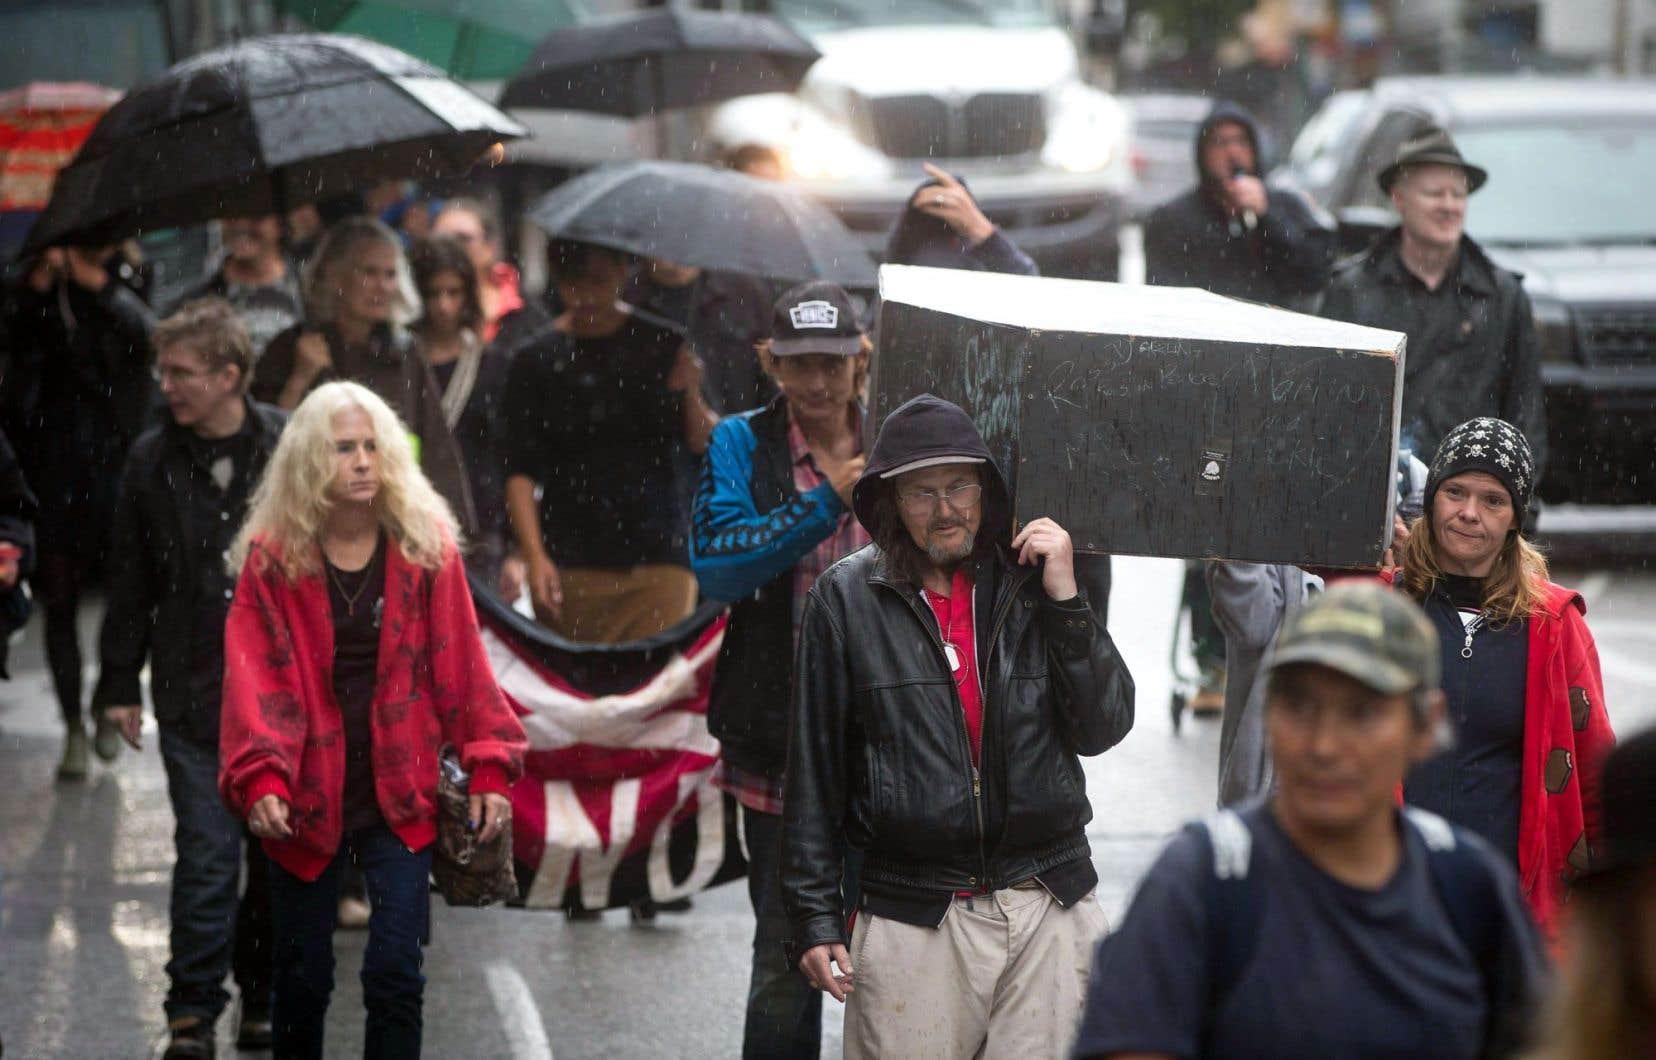 À Vancouver, à la fin de l'été, des citoyens ont déambulé dans la rue, portant un cercueil, en souvenir de ceux qui sont morts d'une surdose de drogue.